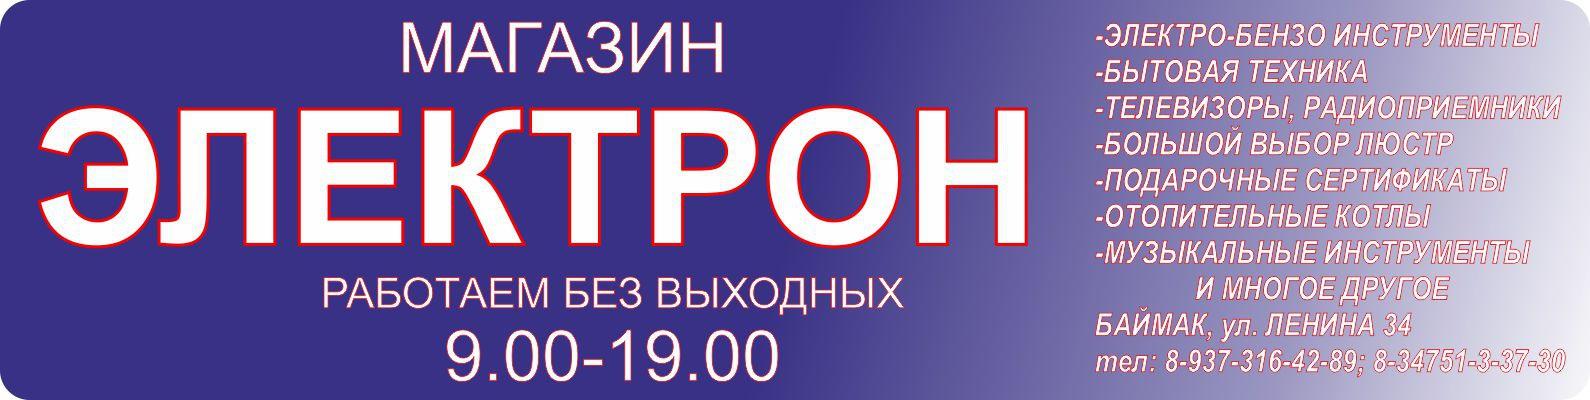 Магазин Электрон Пильна Каталог Товаров